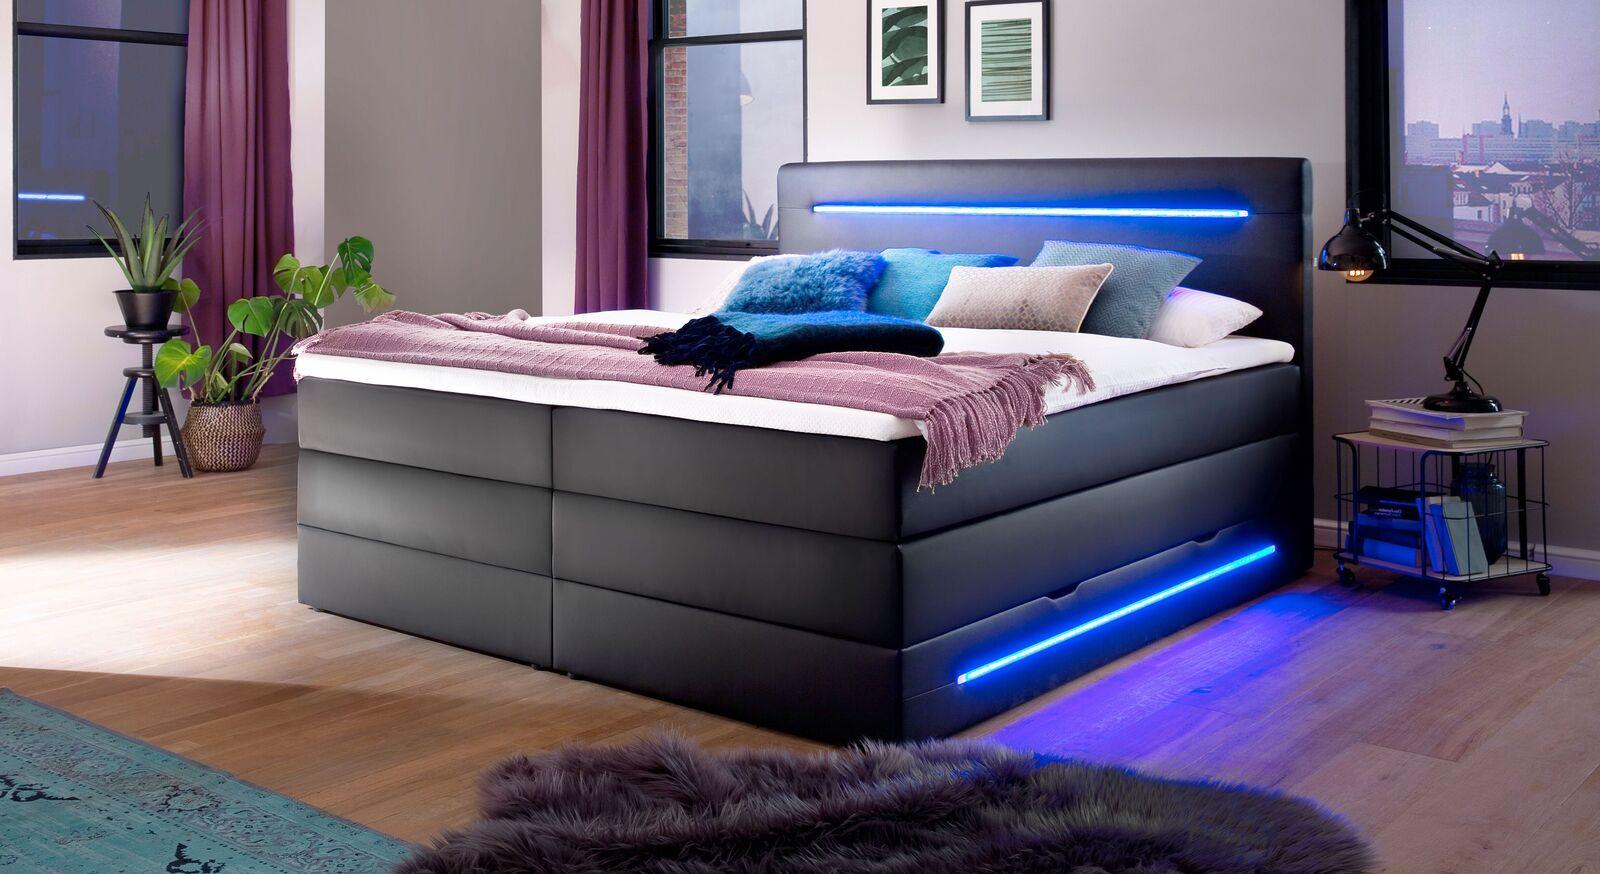 Bettkasten-Boxspringbett Tollocan mit stylischer Beleuchtung